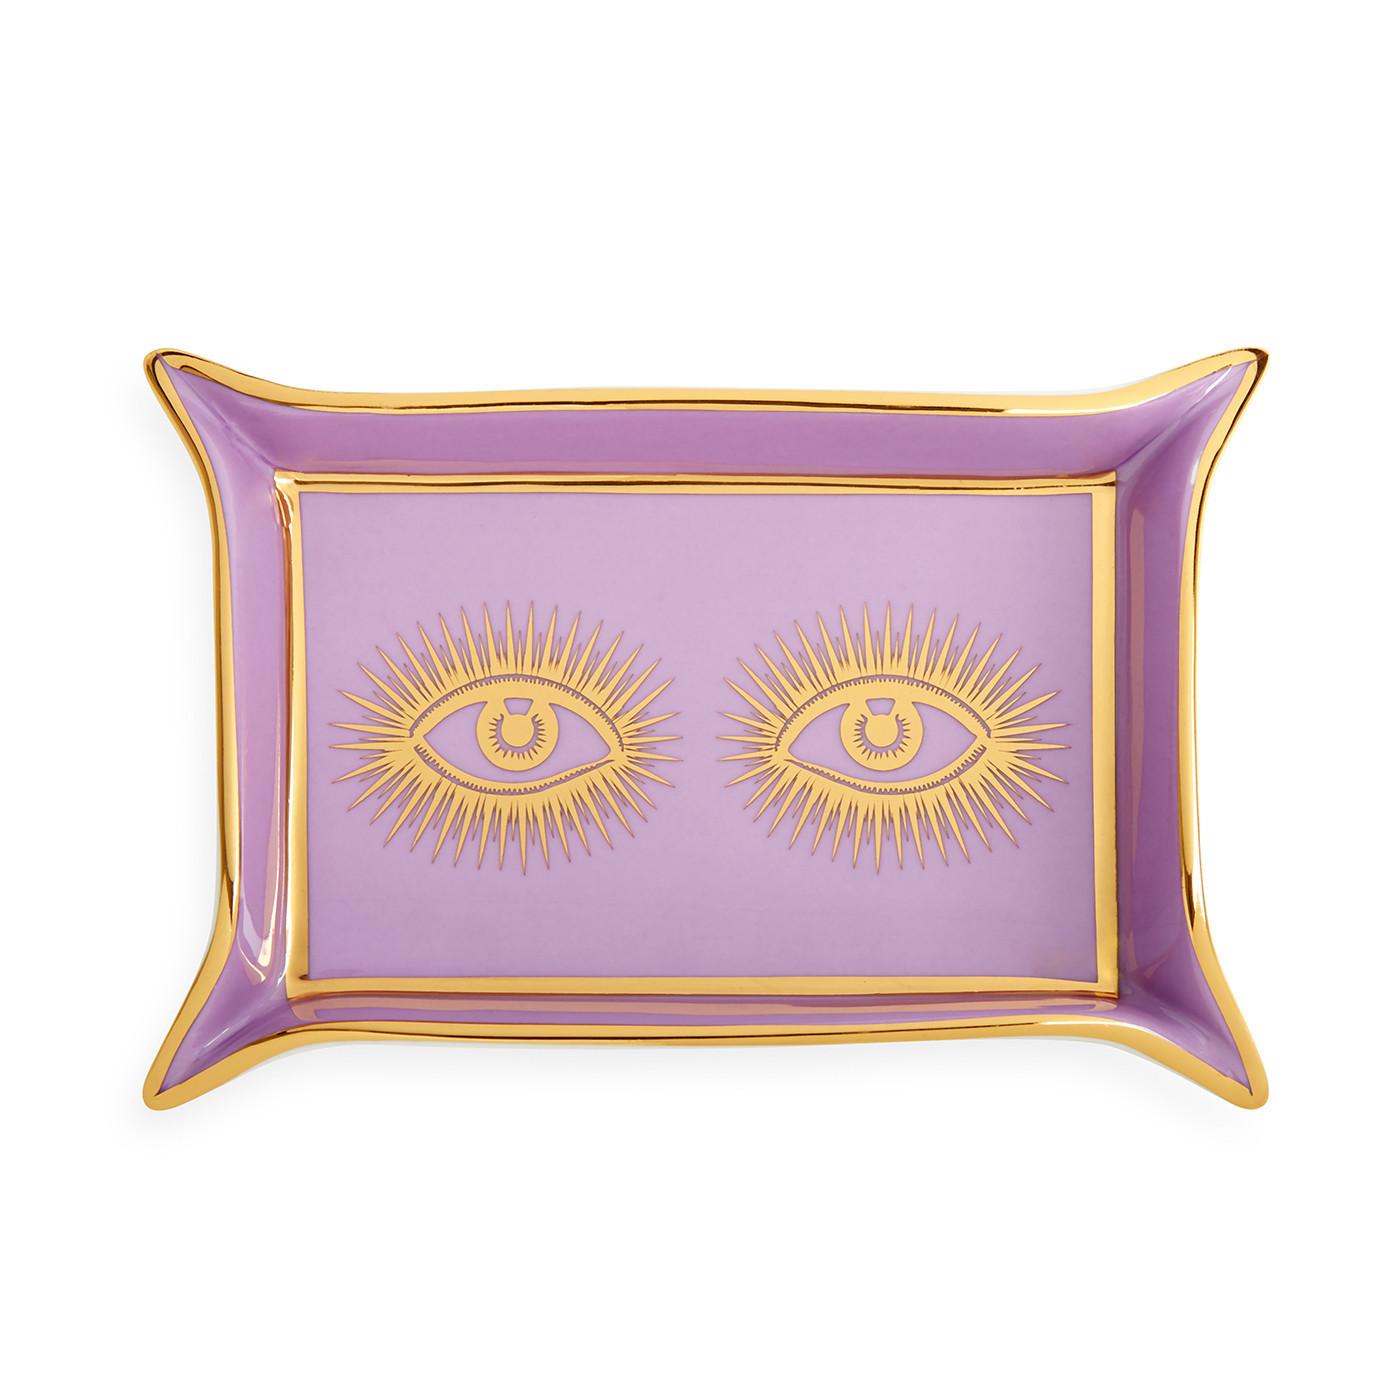 Jonathan Adler's Eyes Valet Tray.